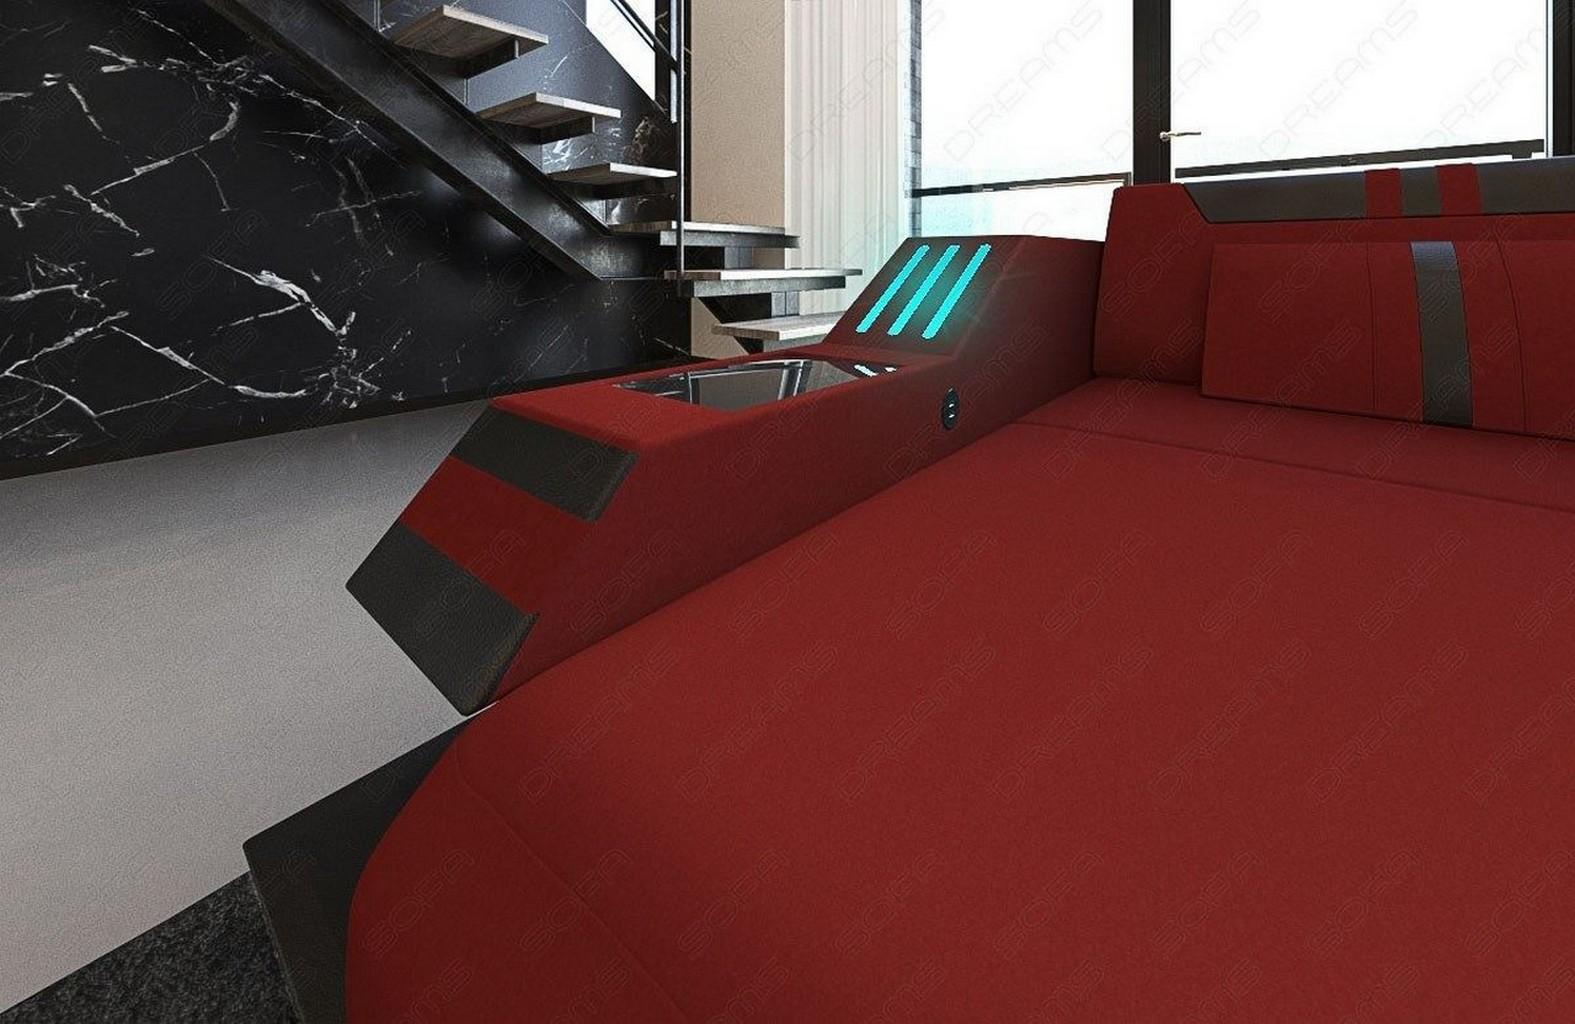 Stoffsofa Im Stoff Leder Ravenna Xl Luxus Wohnlandschaft Rot Mit Led Beleuchtung Ebay